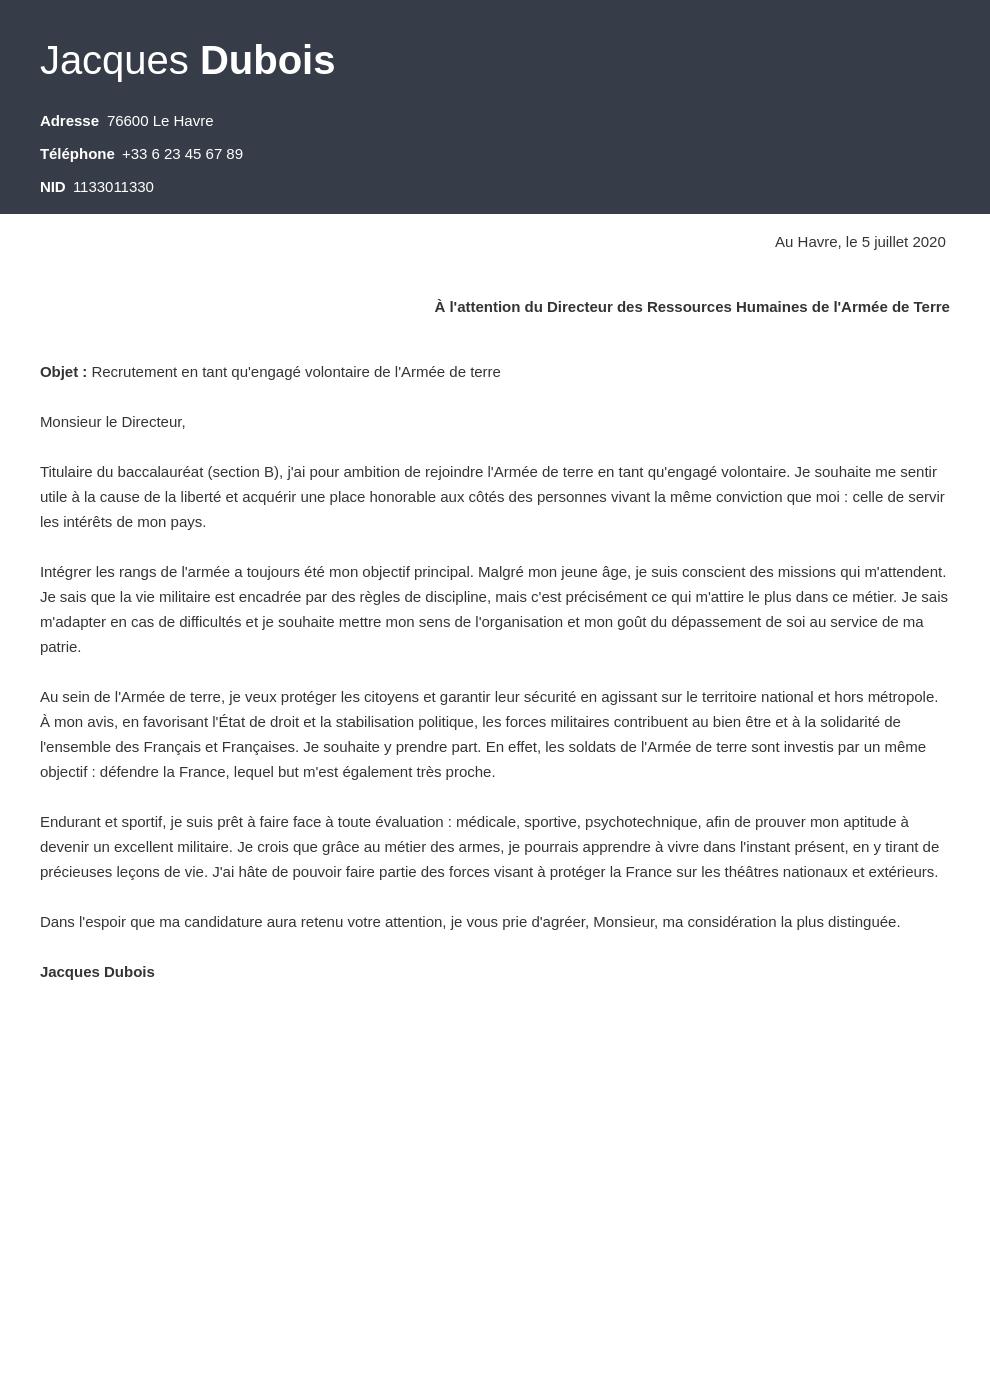 Exemple Lettre De Motivation Armee De Terre Pour Le Cirfa